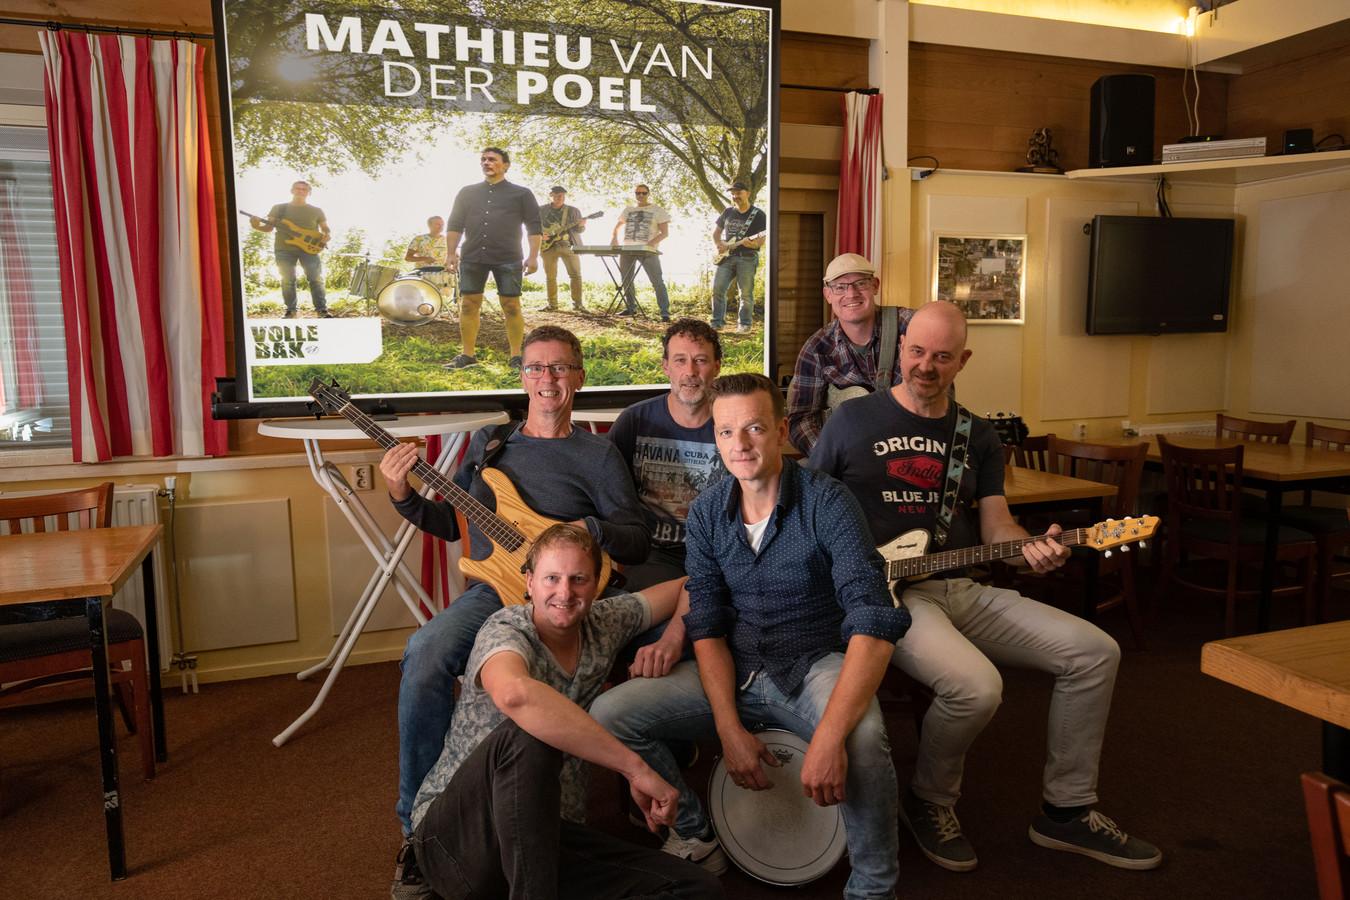 Een enthousiaste groep van regionale muzikanten heeft een song opgenomen ter ere van wielrenner Mathieu van der Poel. 'Volle Bak' is de naam. De bandleden zijn Martin Bakker, Gerben Beens, Jan Willem Bennink, Jerry Hoekman en Harry van Rees (allen uit Genemuiden), Hendri Bredewold uit Hasselt en Robert Mulder uit Kampen.